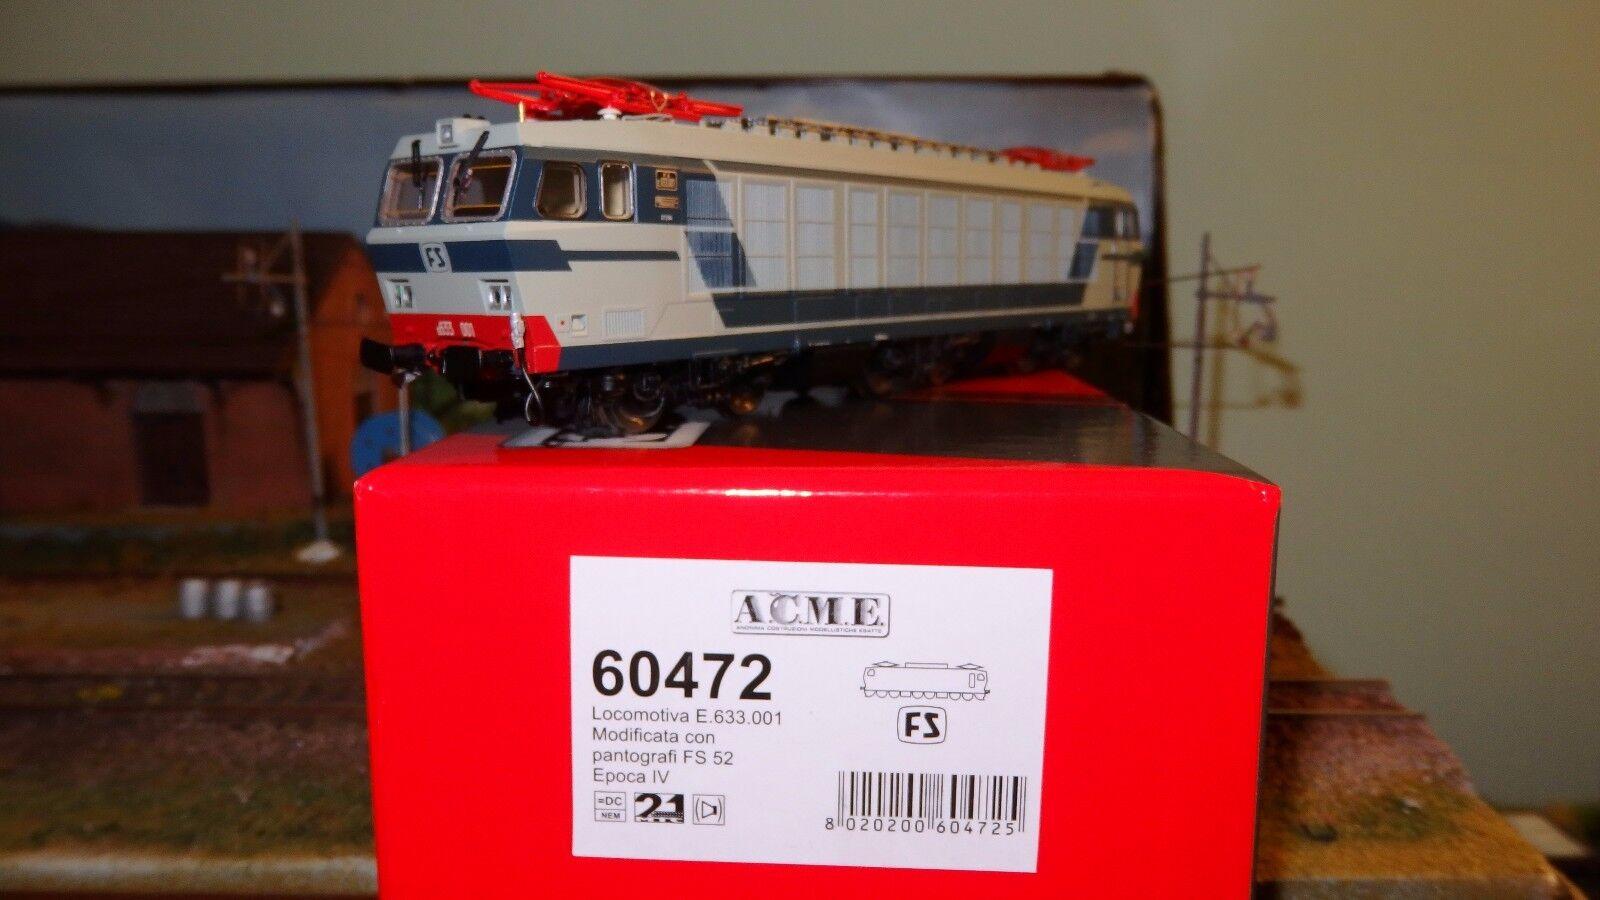 ACME 60472 E633 001 Livrea blå  grå, senza vomeri, pant.52, reostato ridotti